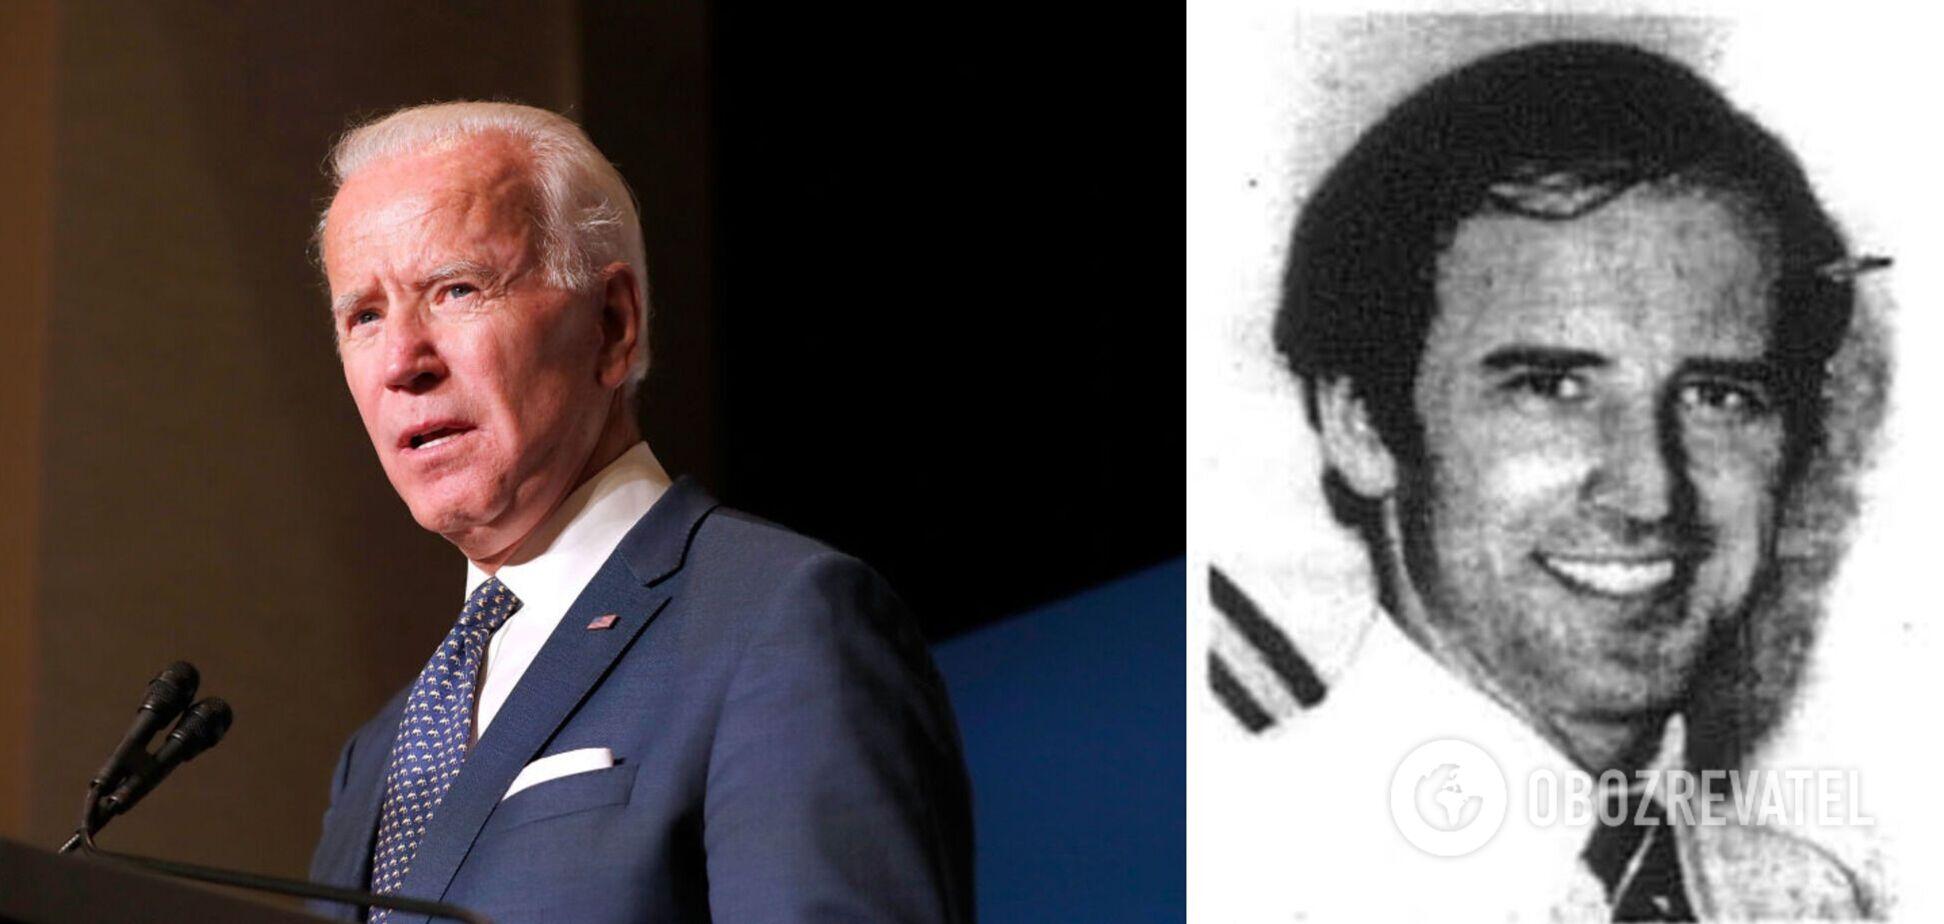 46-й президент США Джо Байден